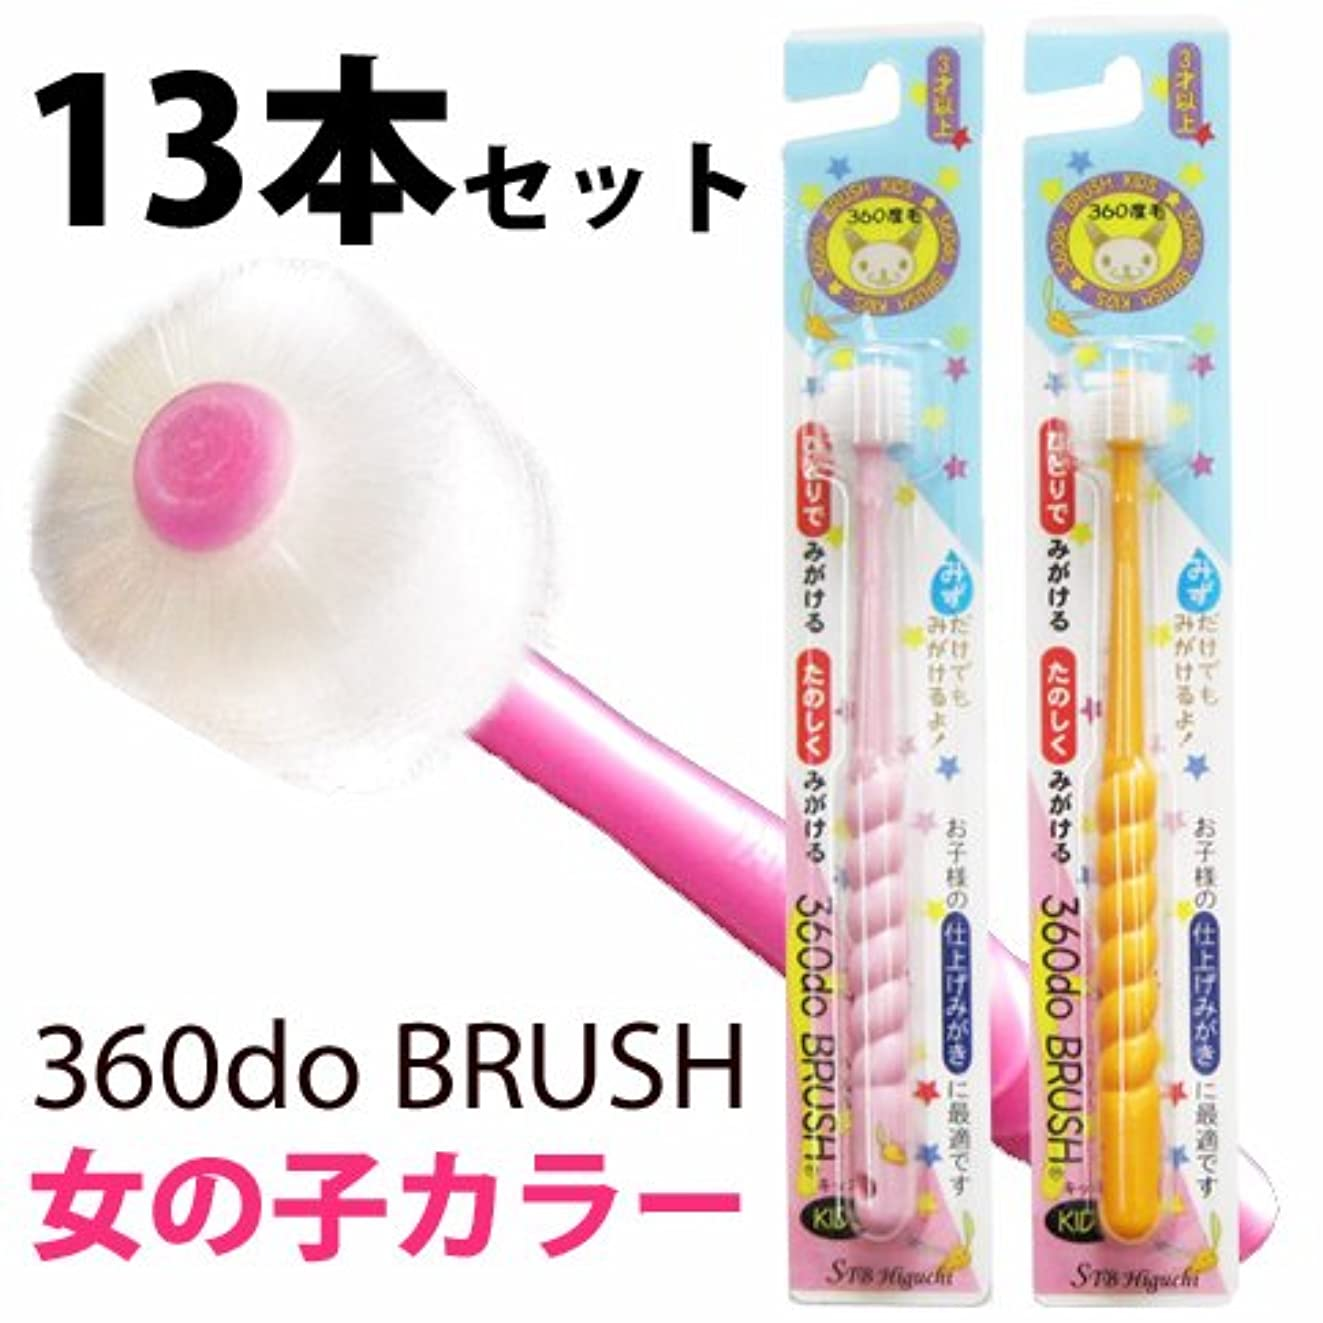 実験松音声学360do BRUSH 360度歯ブラシ キッズ 女の子用 13本セット